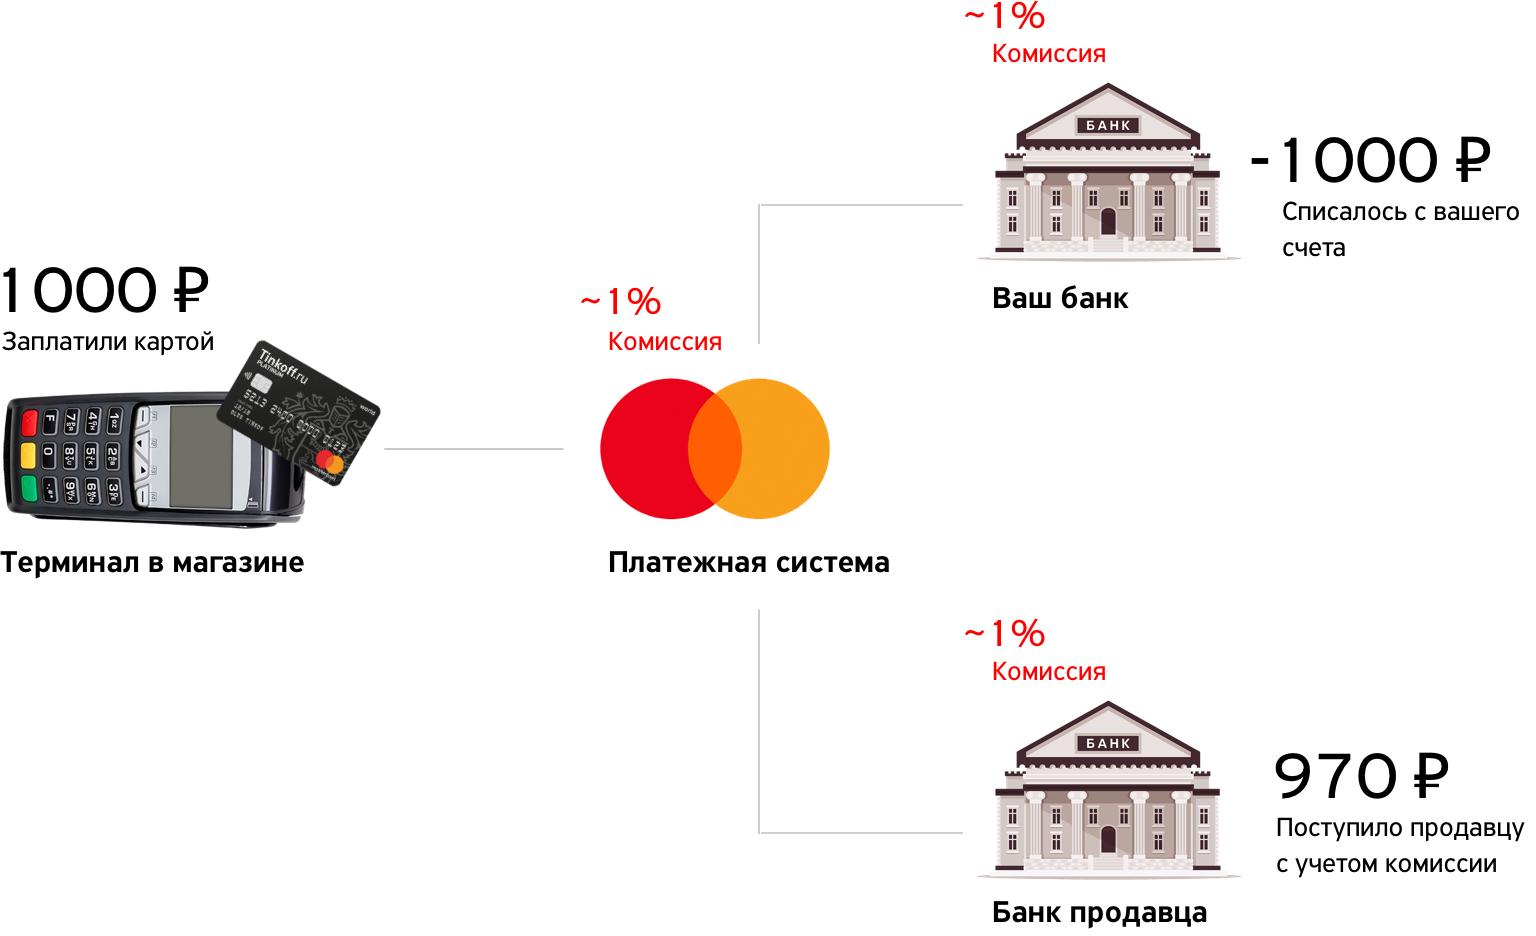 кэшбэк по карте тинькофф банк